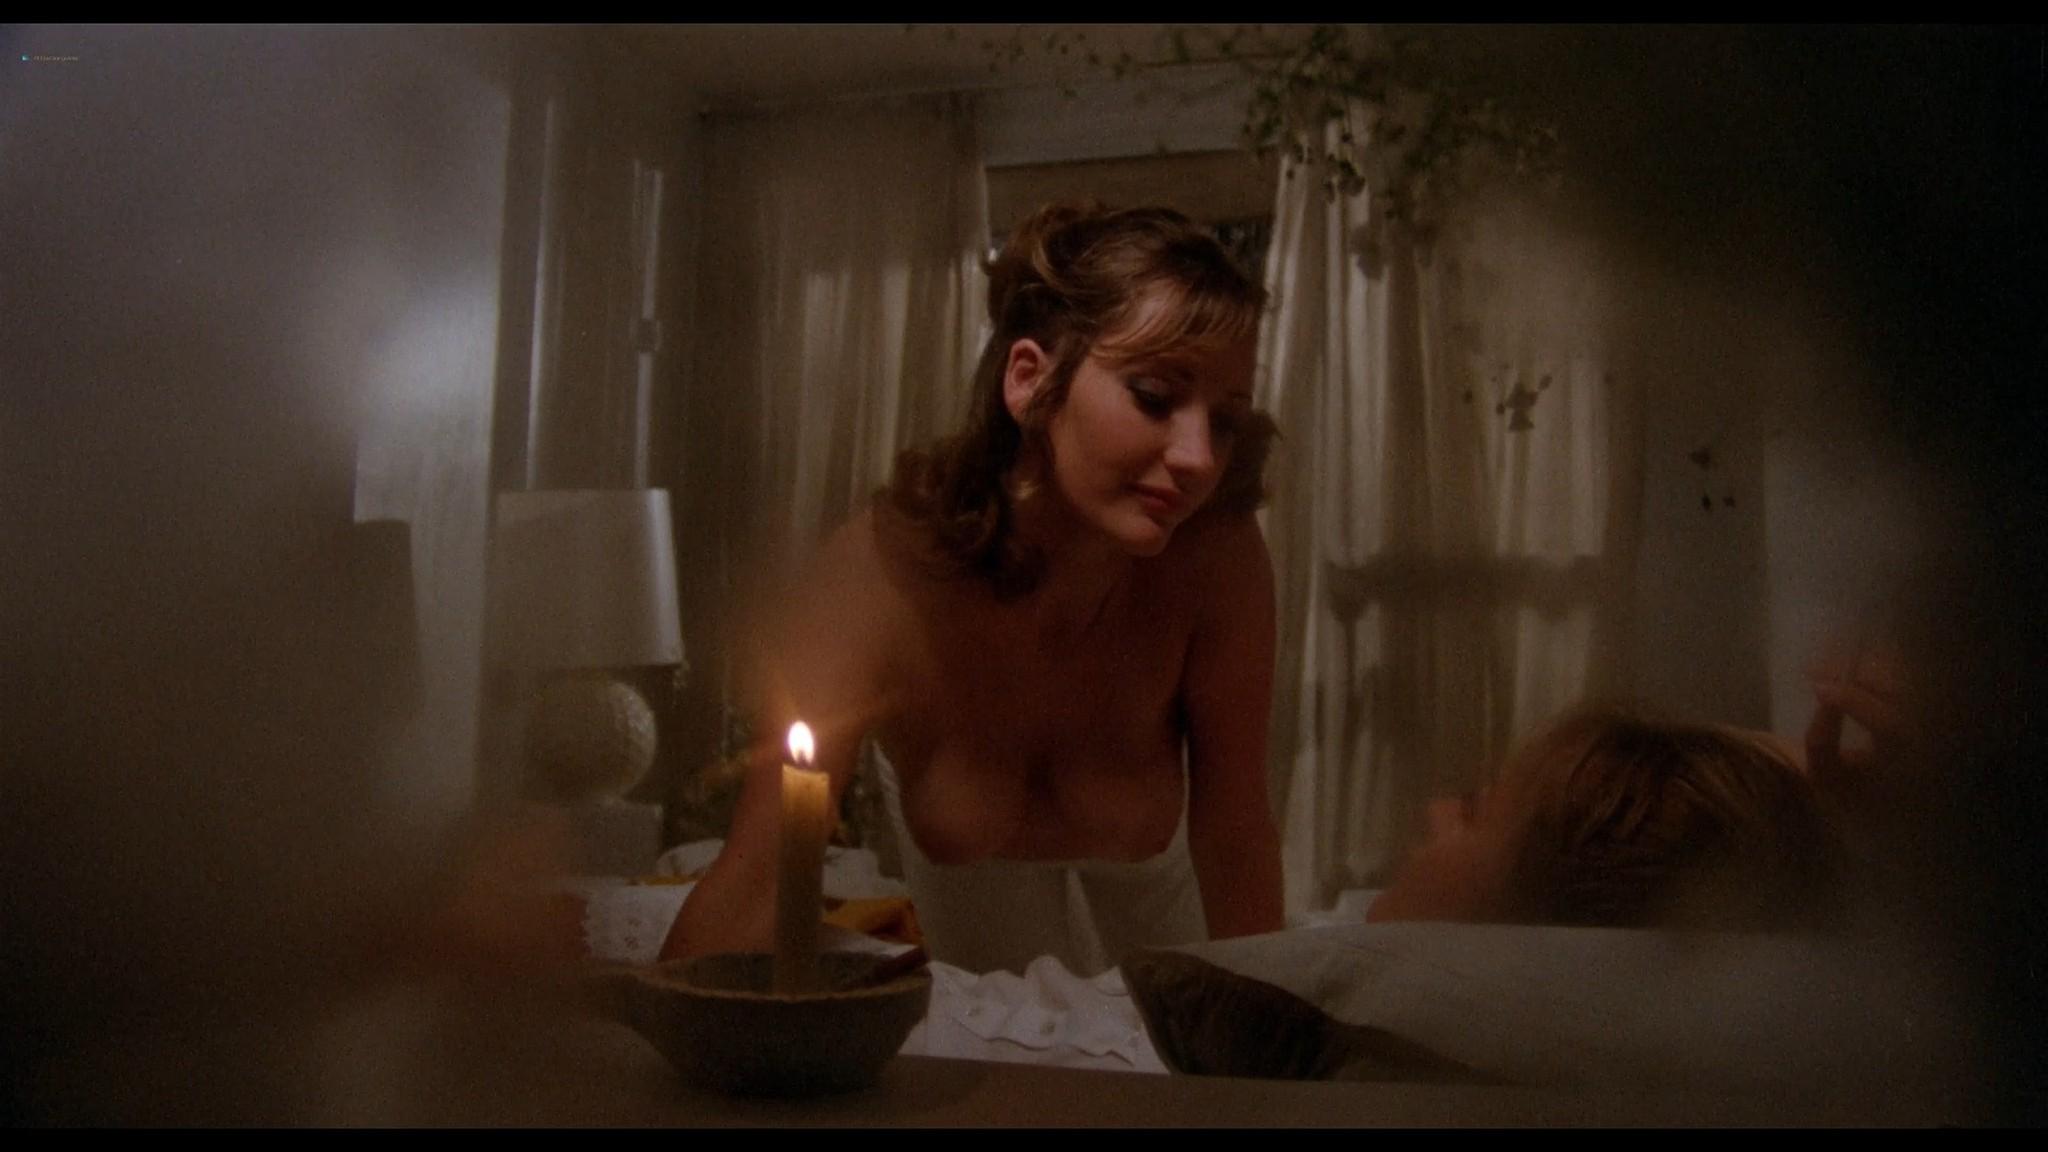 Dalila Di Lazzaro nude full frontal Vanessa Vitale nude – La ragazza dal pigiama giallo IT 1977 1080p BluRay REMUX 3